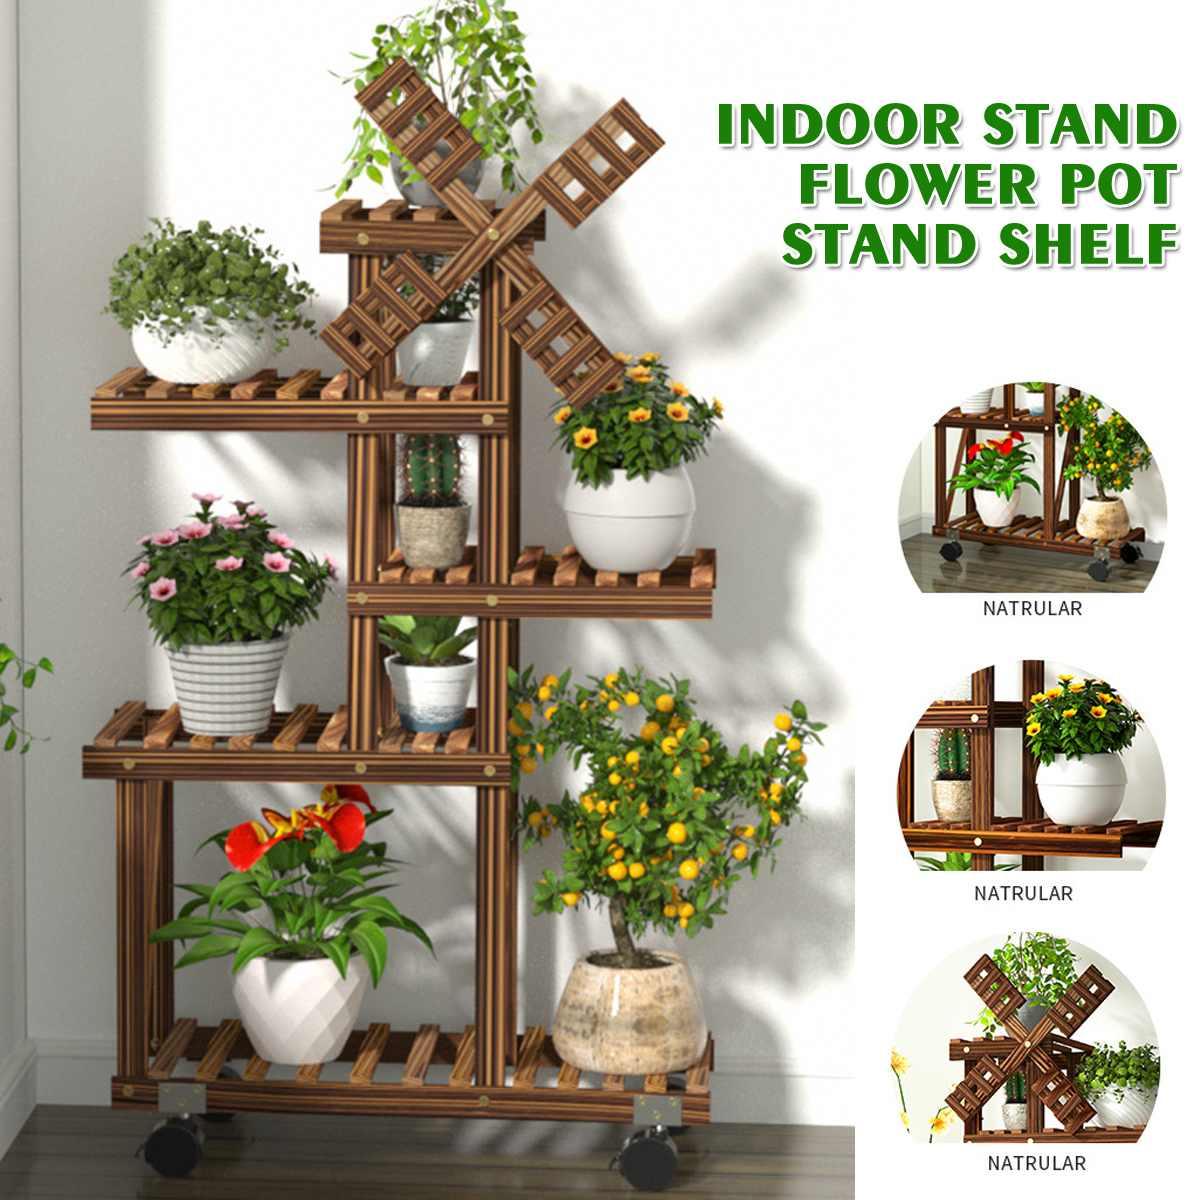 Деревянная-подставка-для-цветов-растений-стойка-полки-бонсай-Дисплей-полка-для-наружного-и-внутреннего-двора-сад-для-патио-балкона-стойка